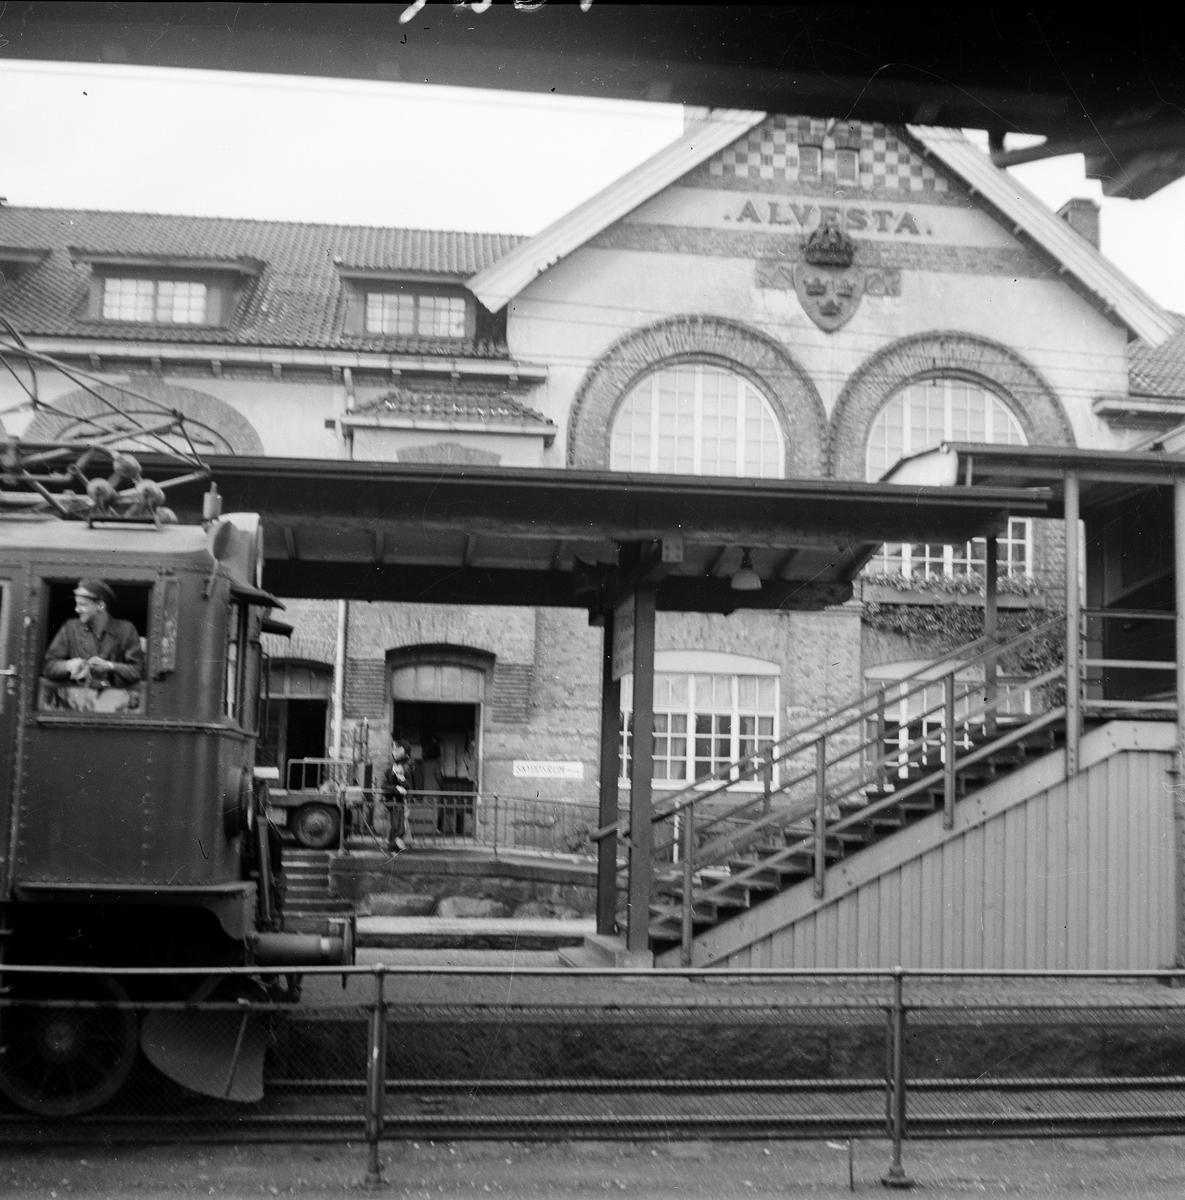 Alvesta järnvägsstation. På spåret står ett D-lok.